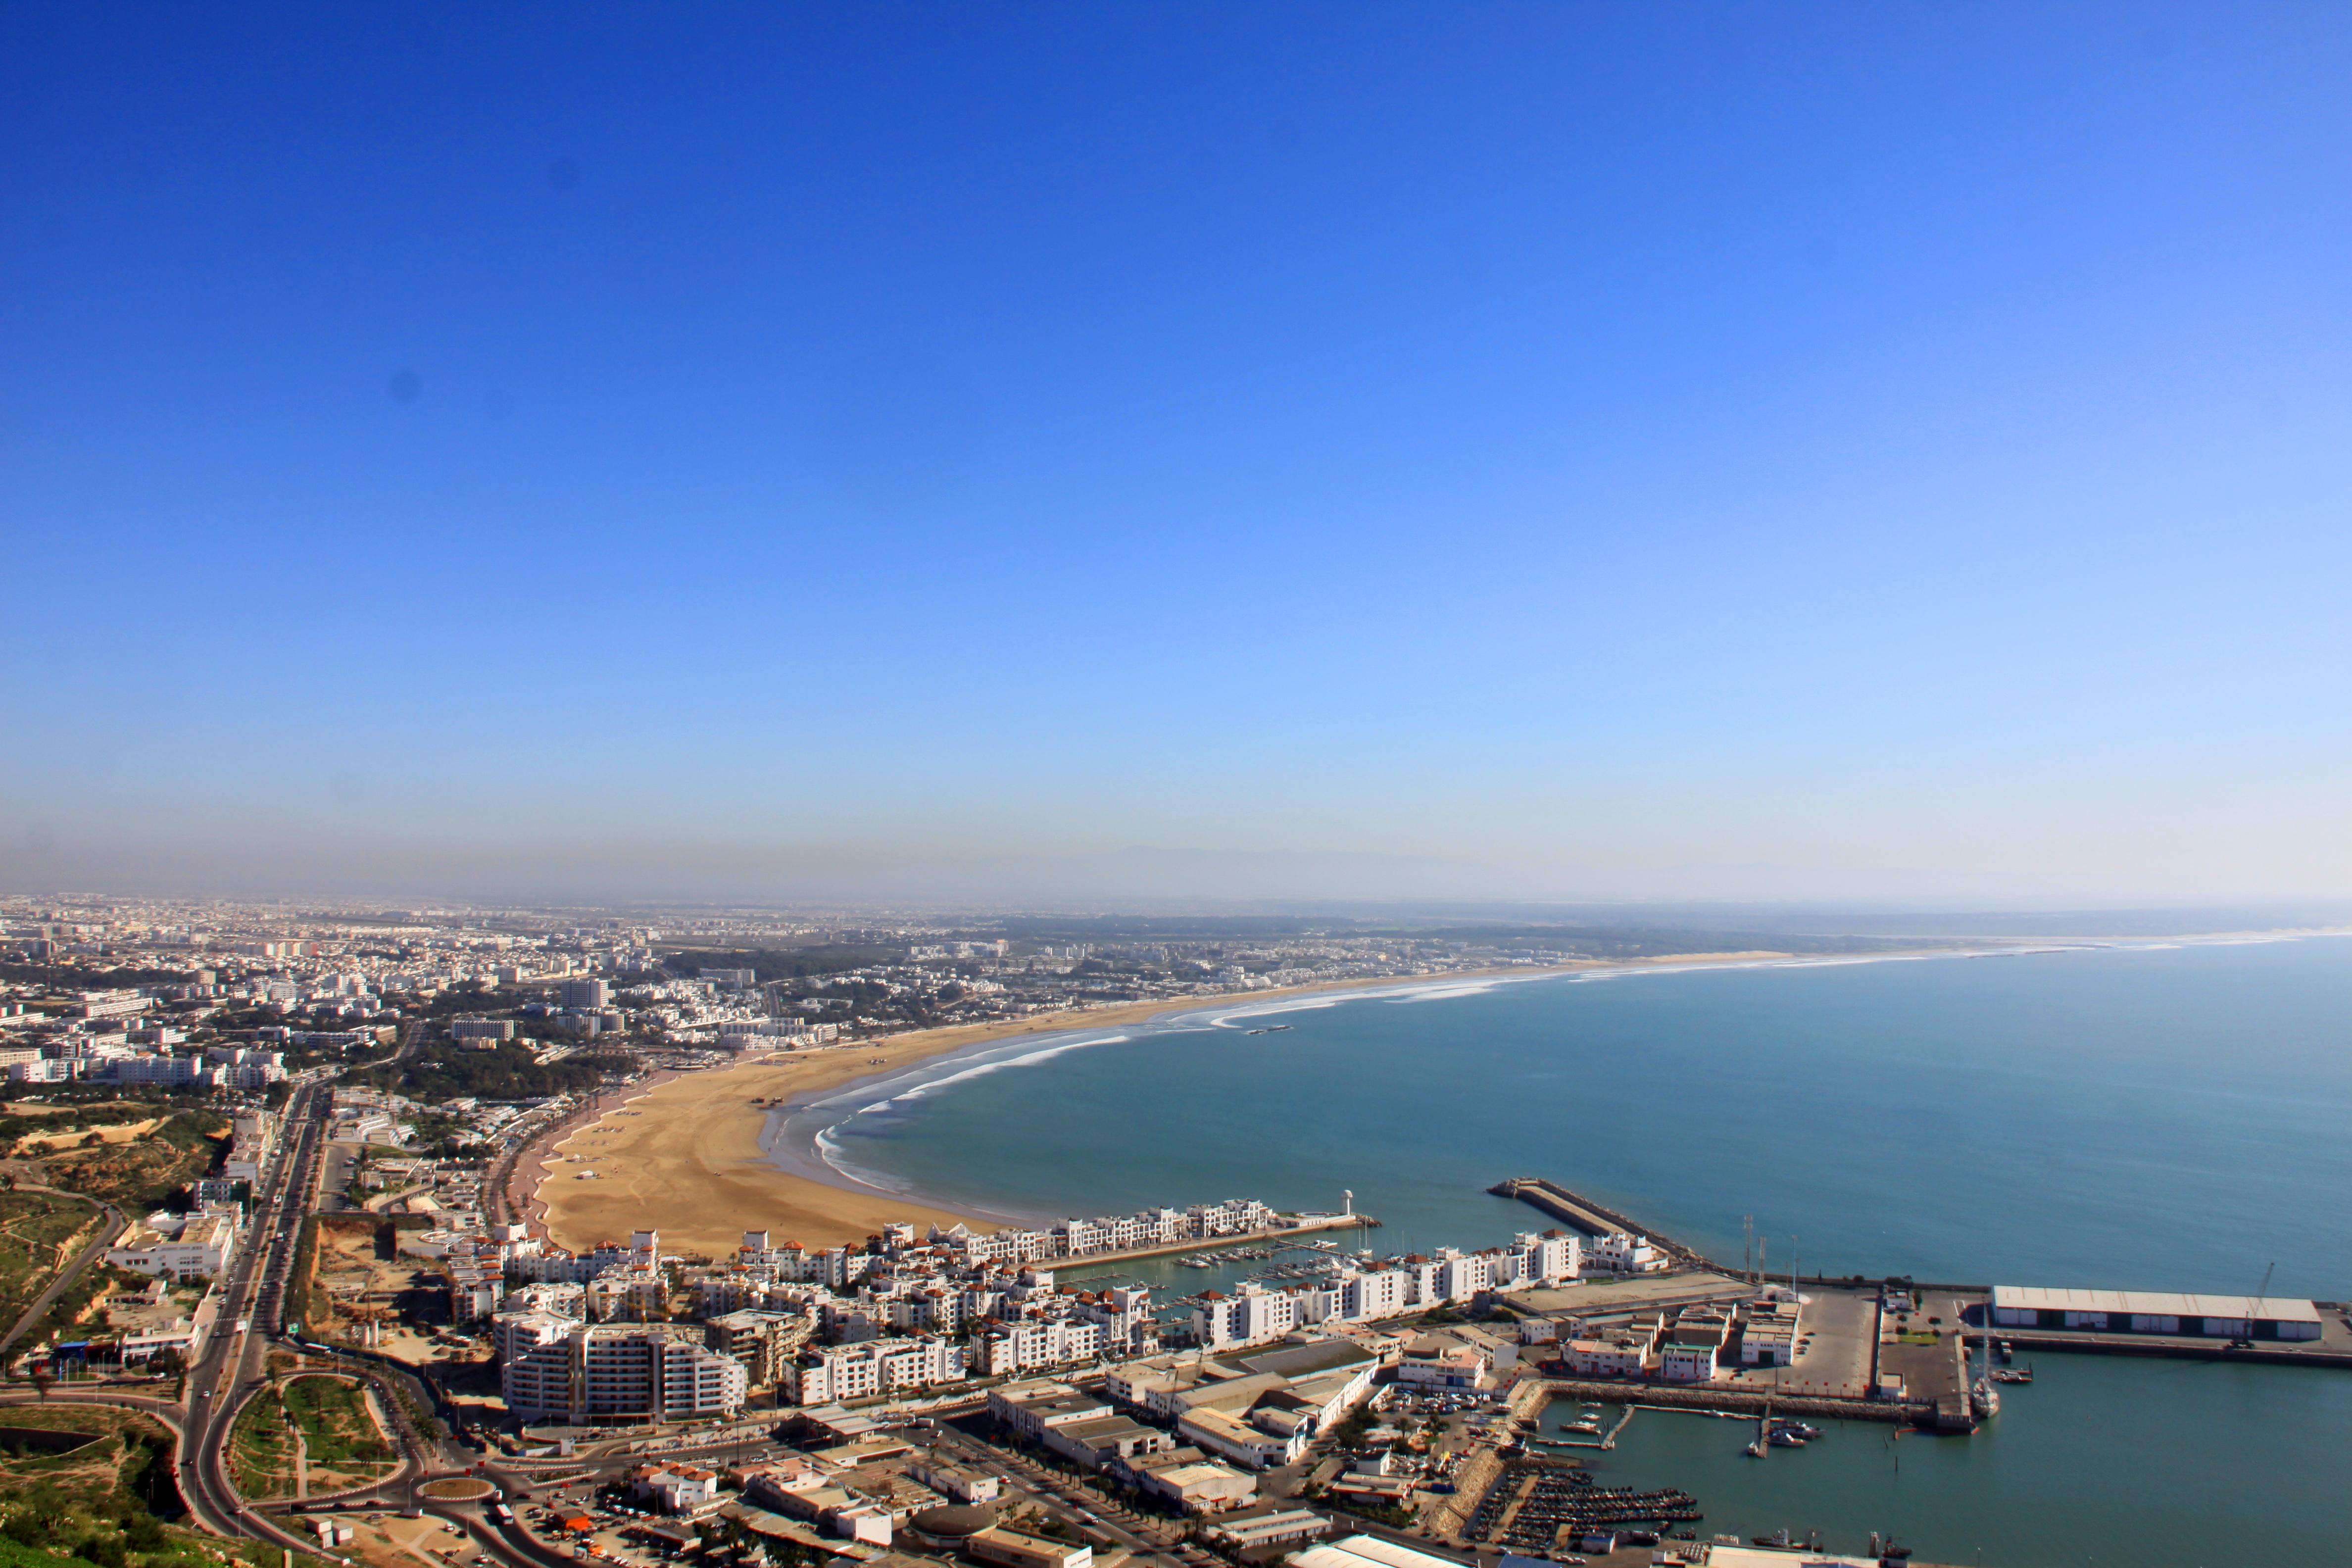 Morocco_Agadir_baie d'agadir 003_60837